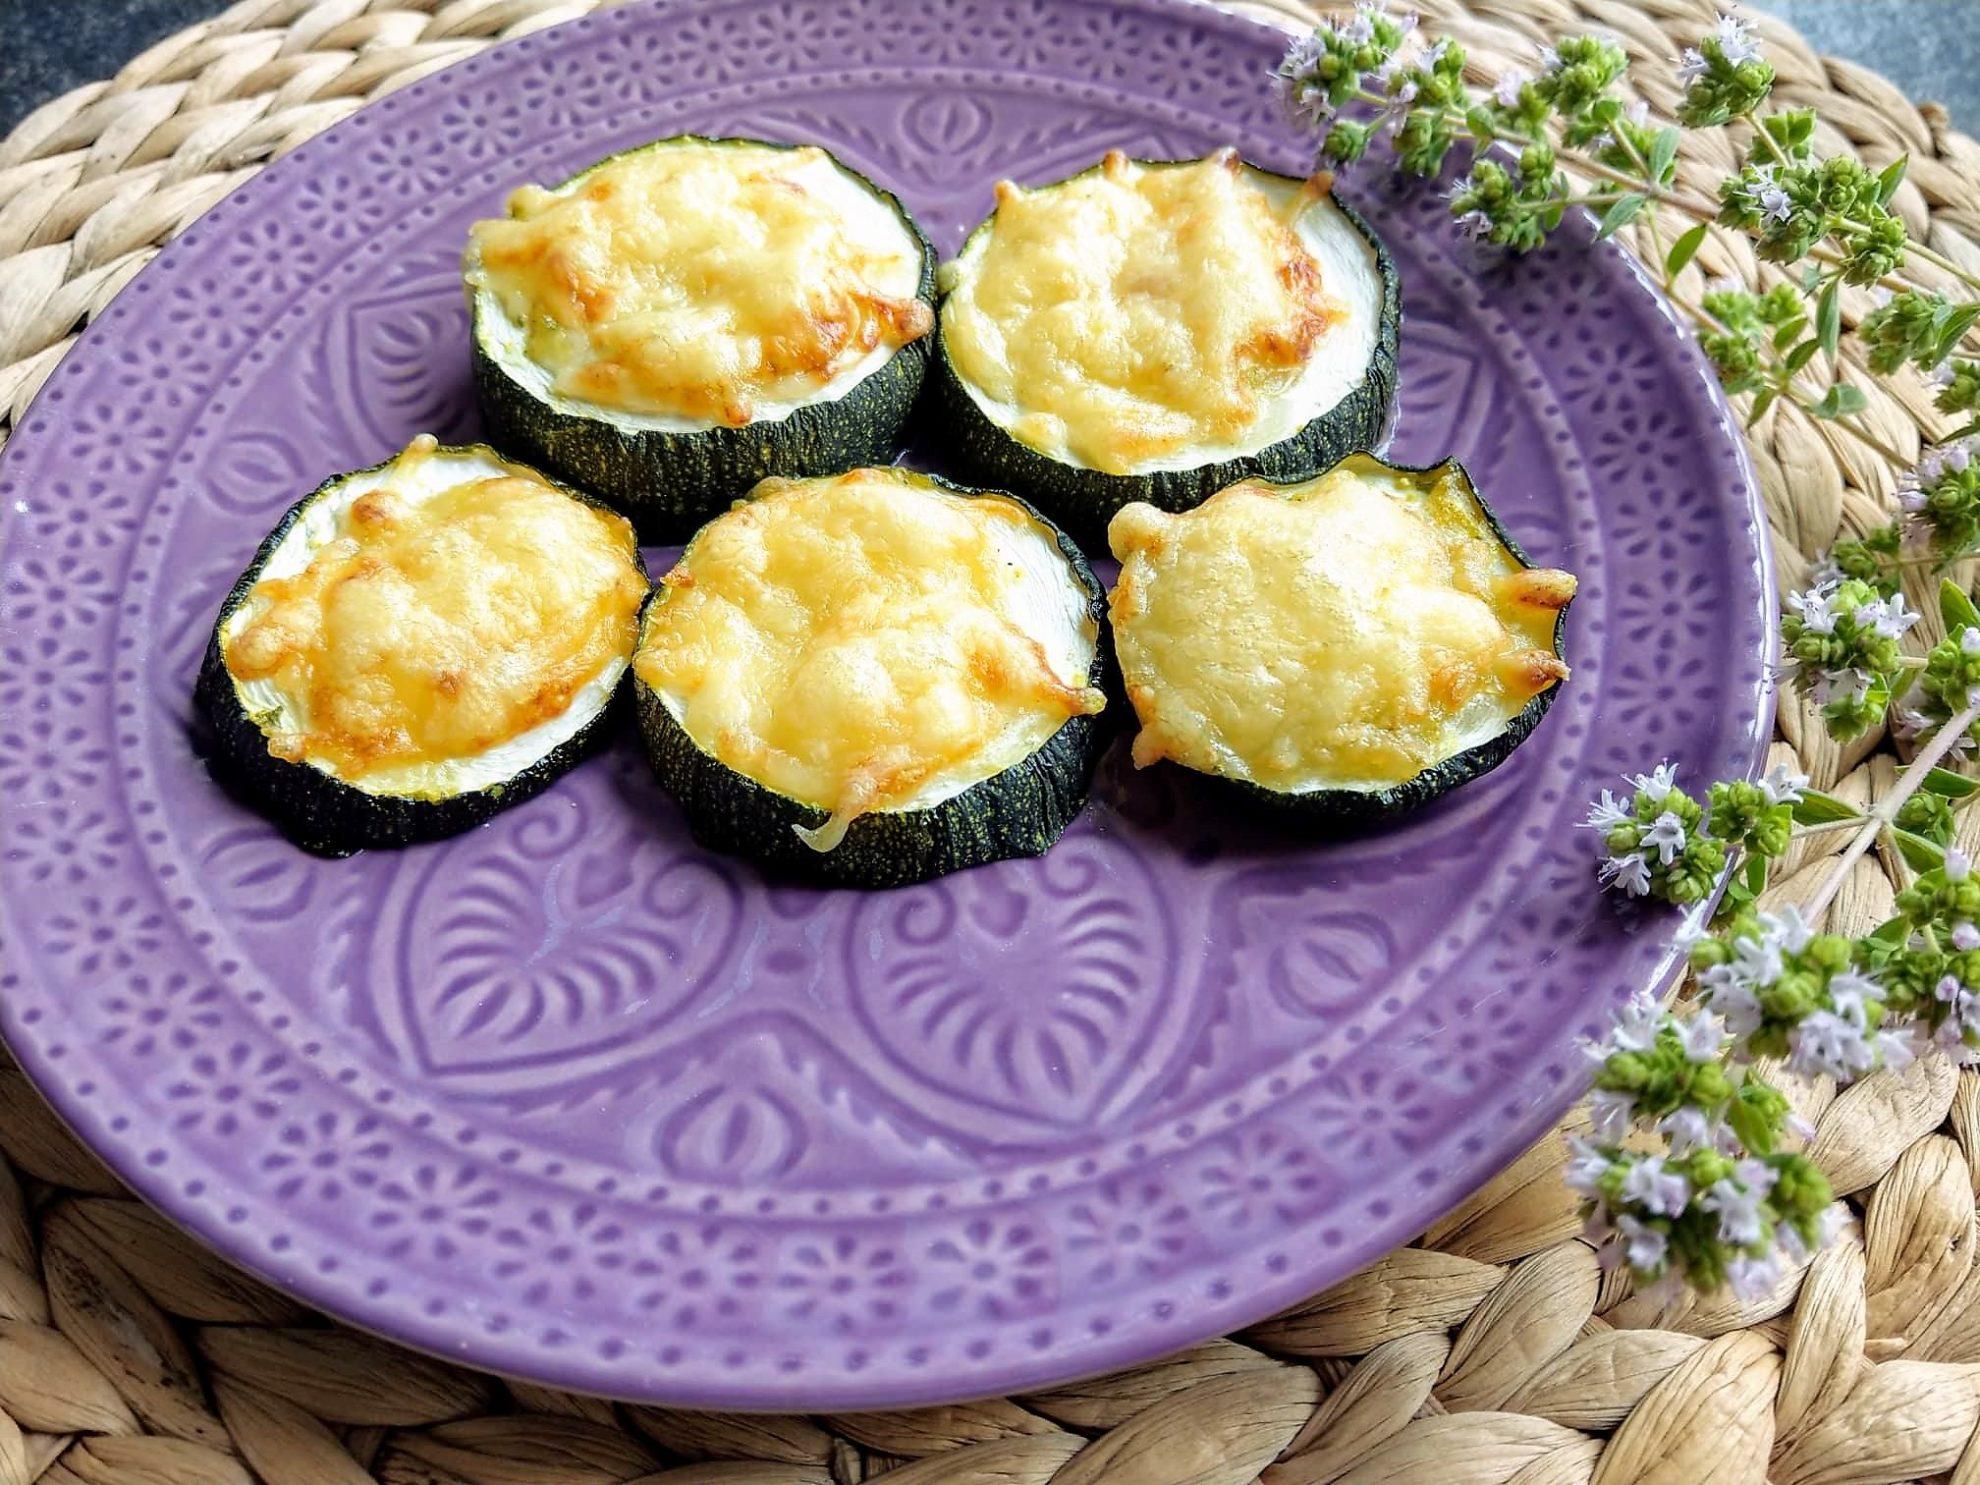 Zucchinitaler sind eine tolle Möglichkeit, Zucchinis schnell und einfach zuzubereiten. Dieses Rezept besticht durch Einfachheit und ist nebenbei noch vegetarisch, clean und low carb.